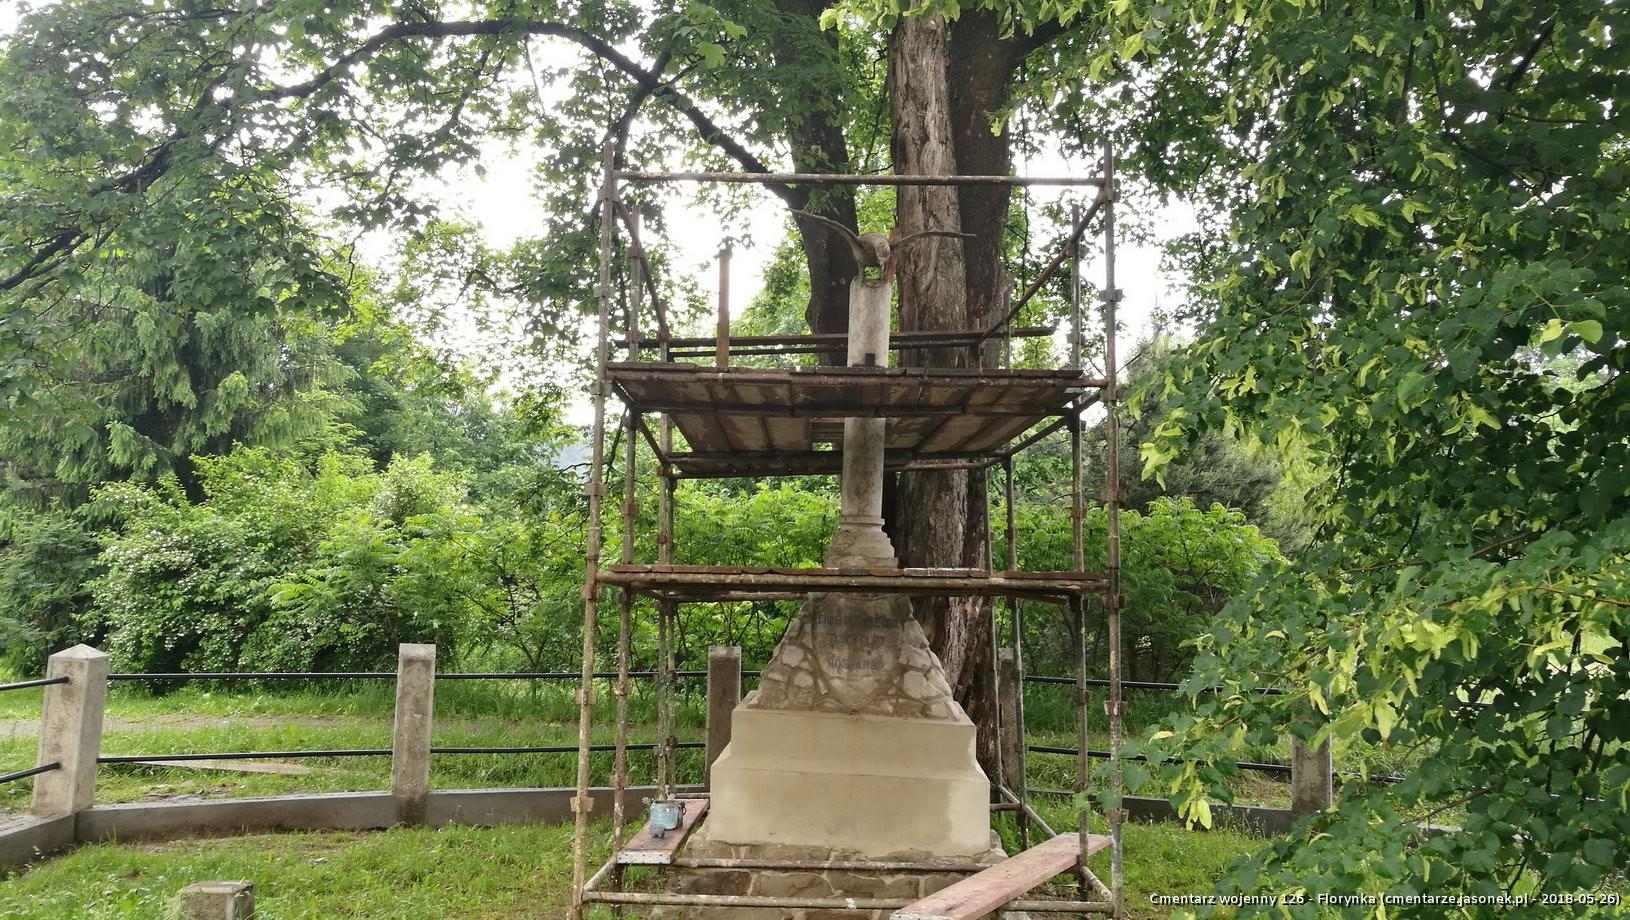 Cmentarz wojenny 126 - Florynka